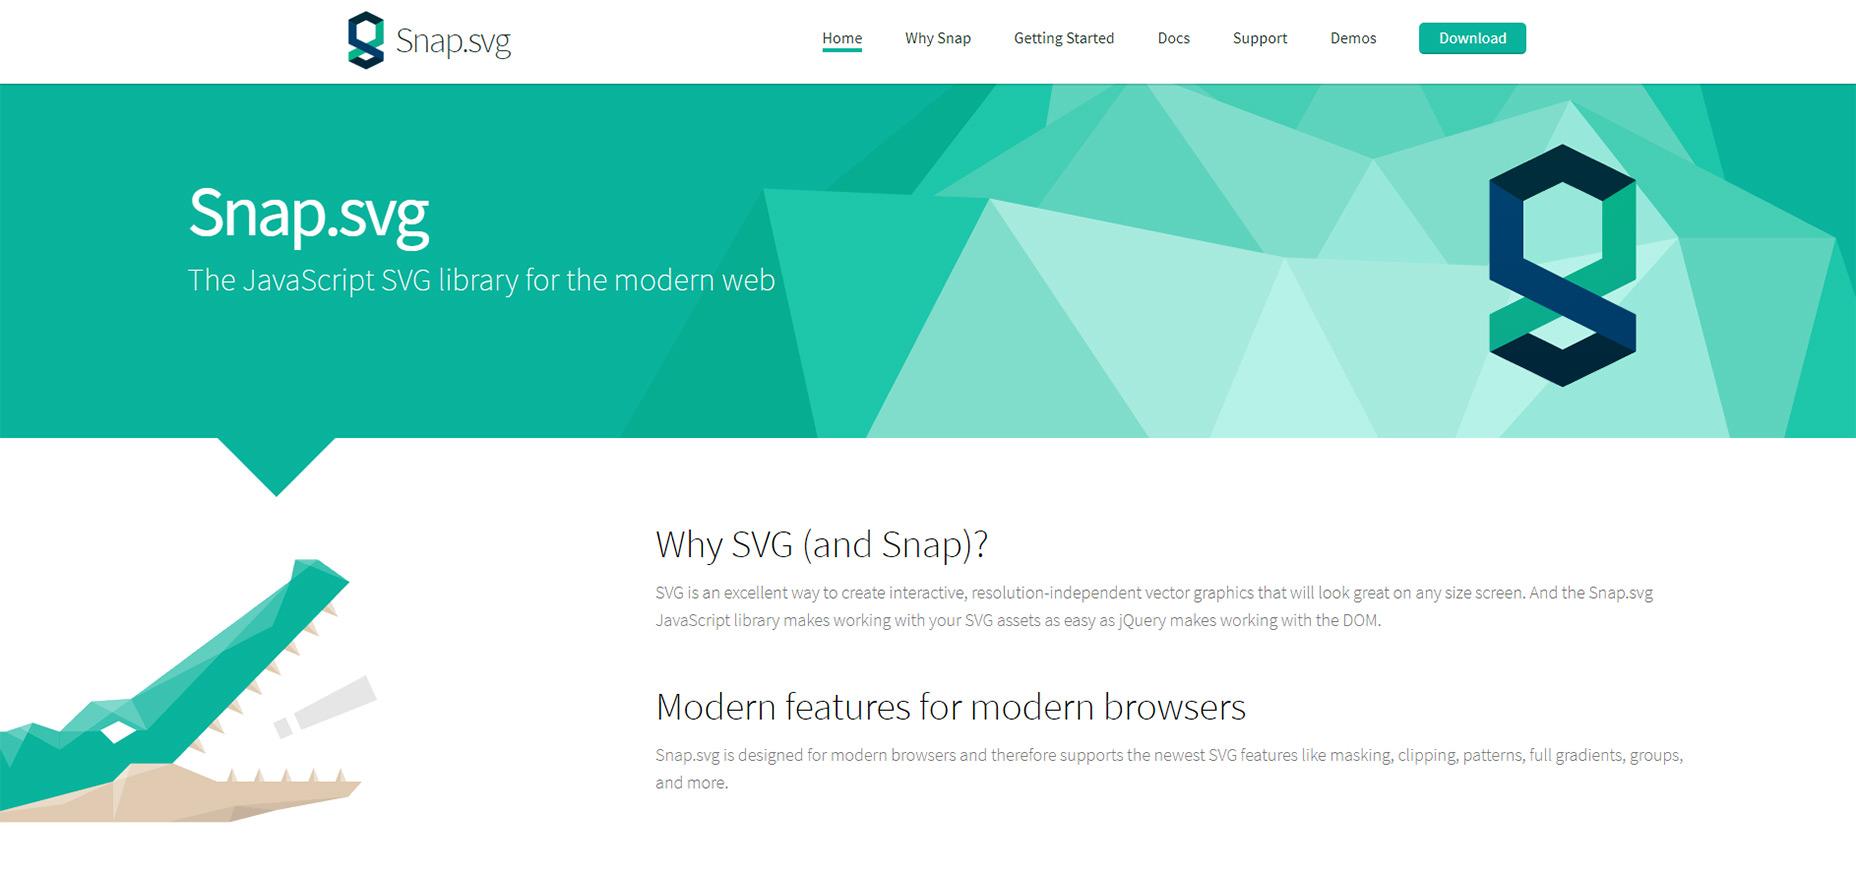 02-snap-svg-homepage.